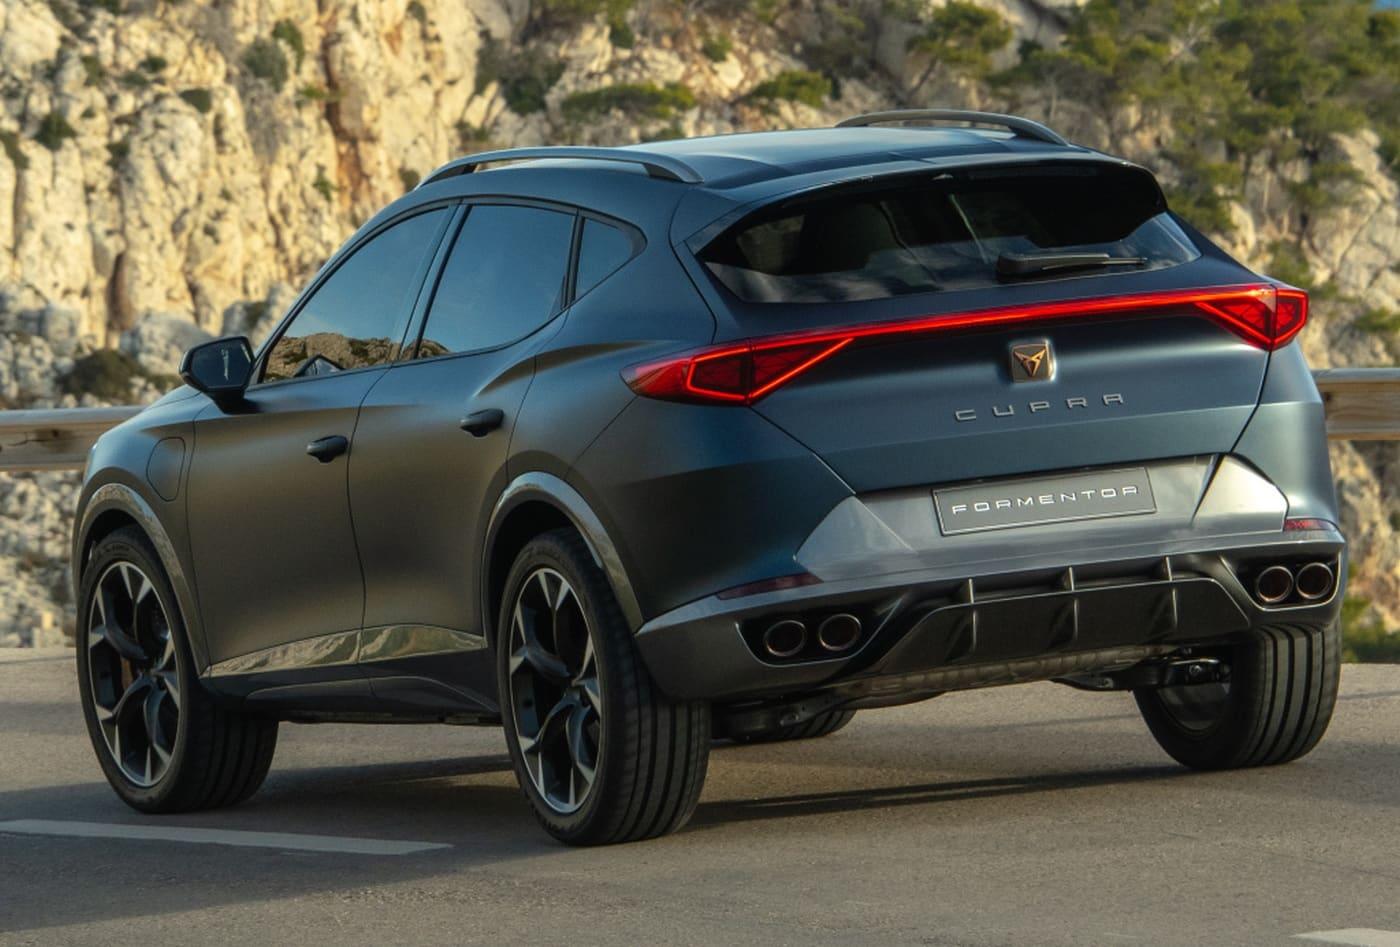 Cupra adelanta un futuro SUV coupé 100% eléctrico